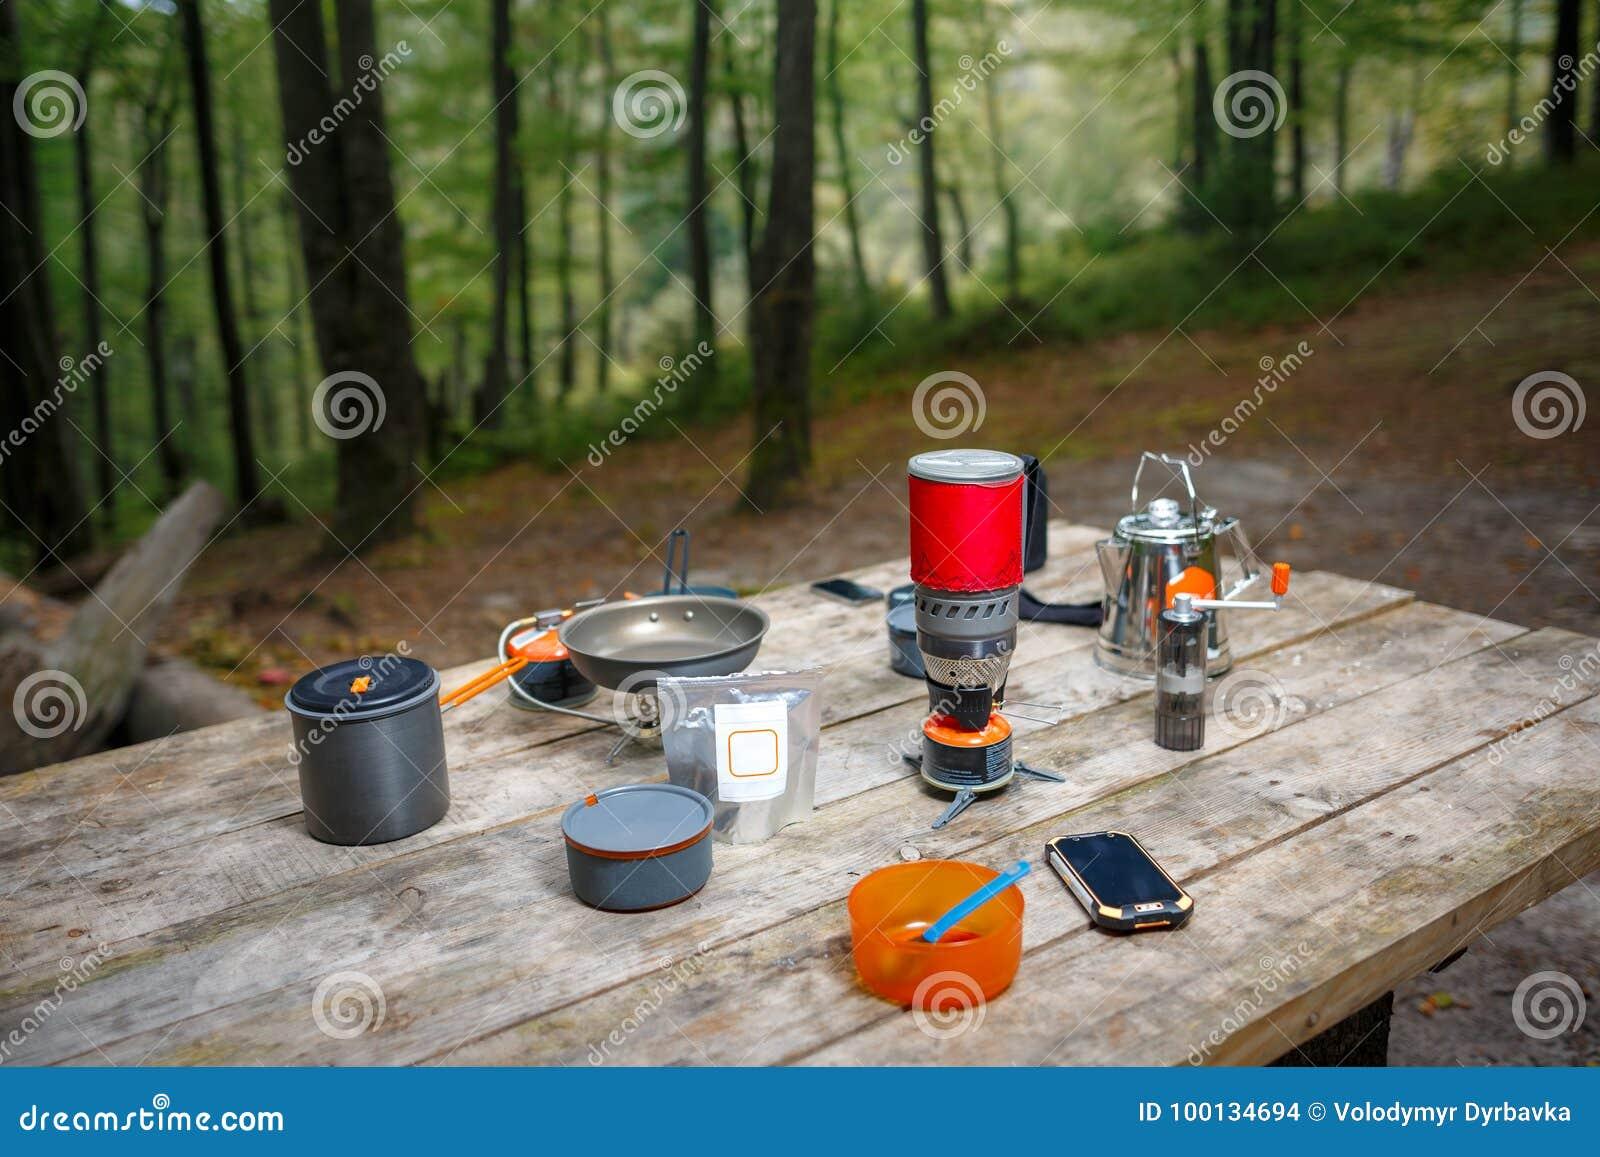 Vaisselle pour camper